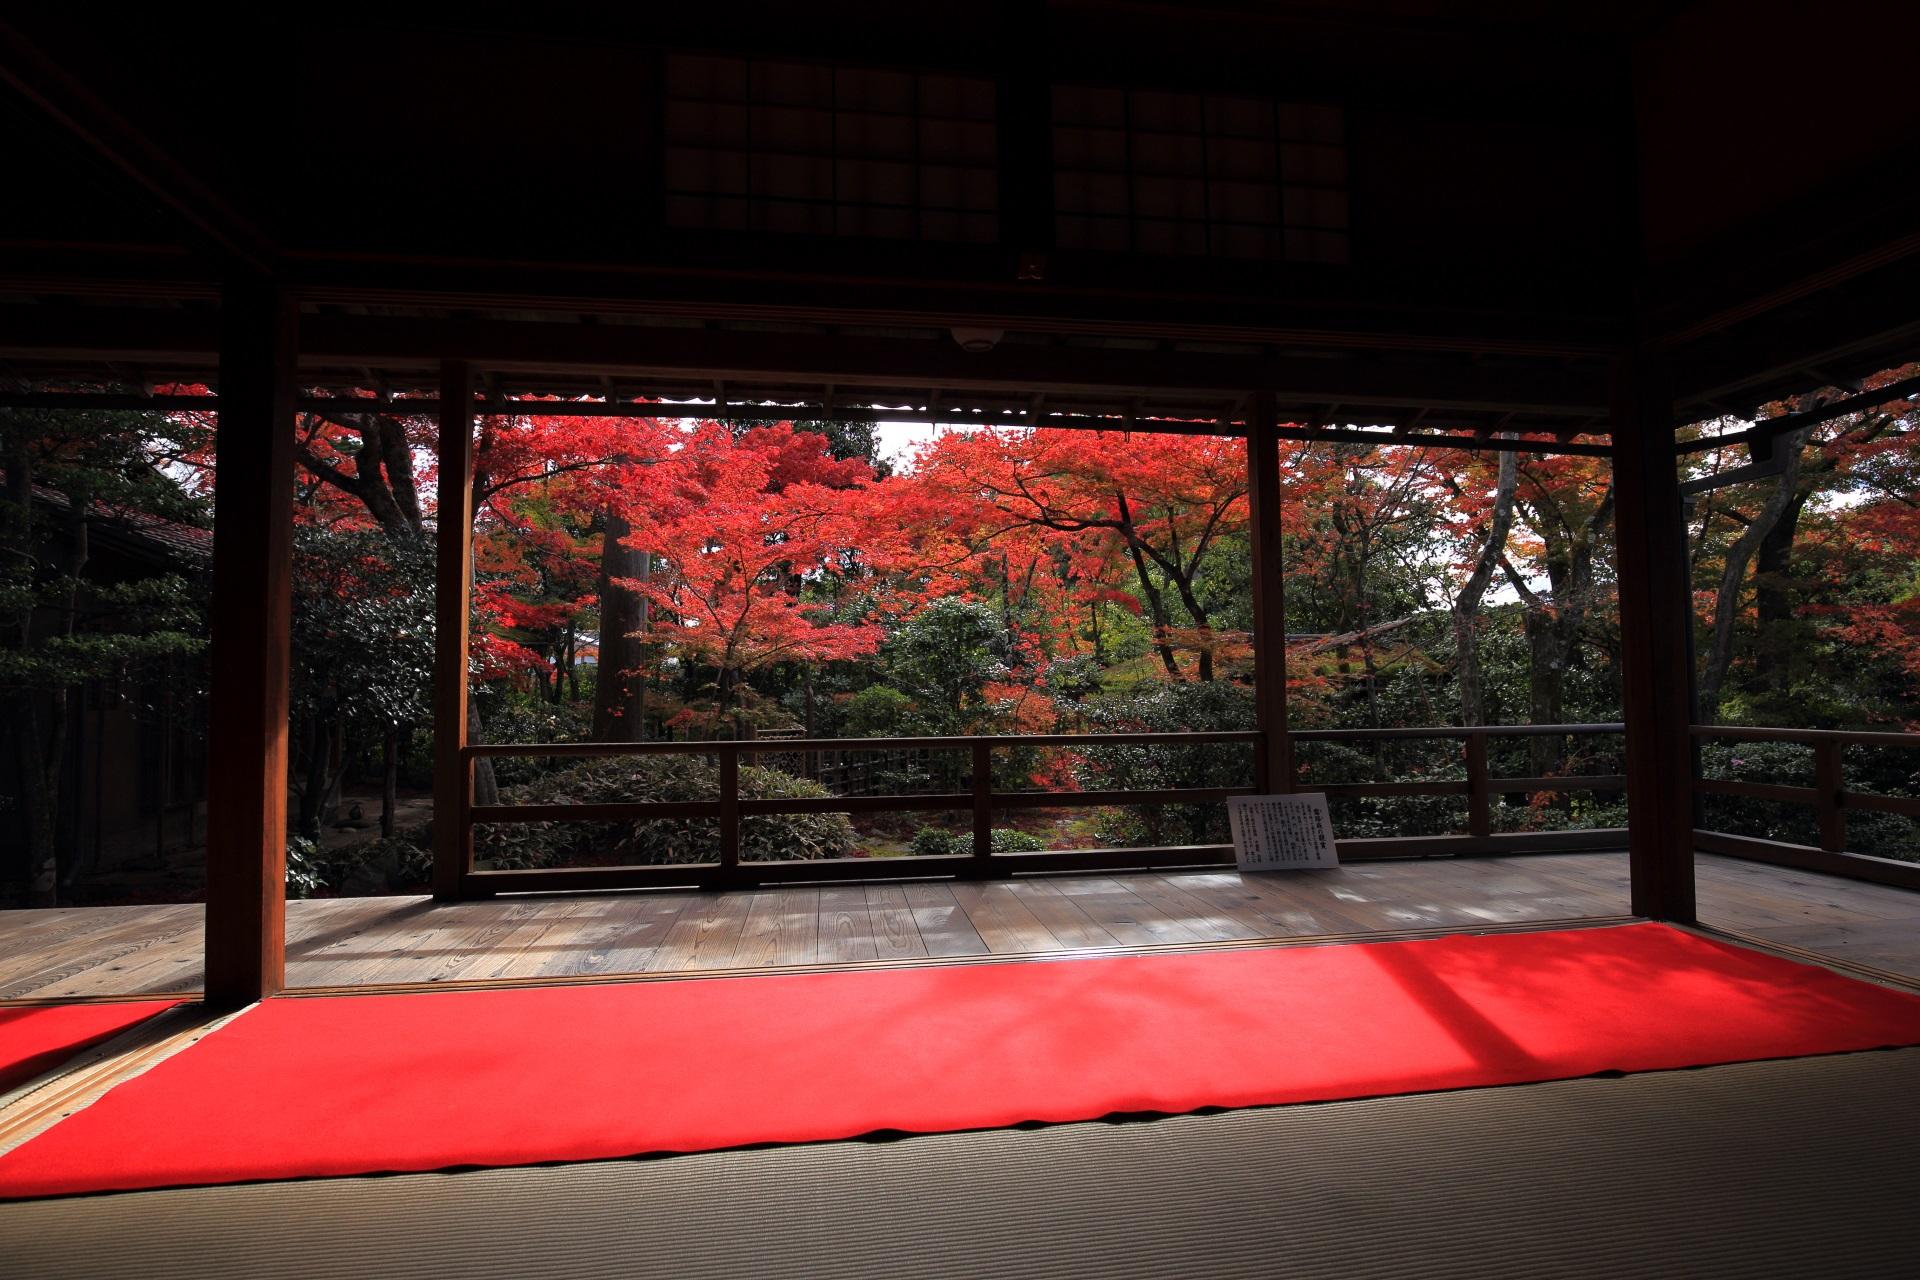 赤い絨毯が演出する大法院の客殿奥から眺めた庭園と紅葉